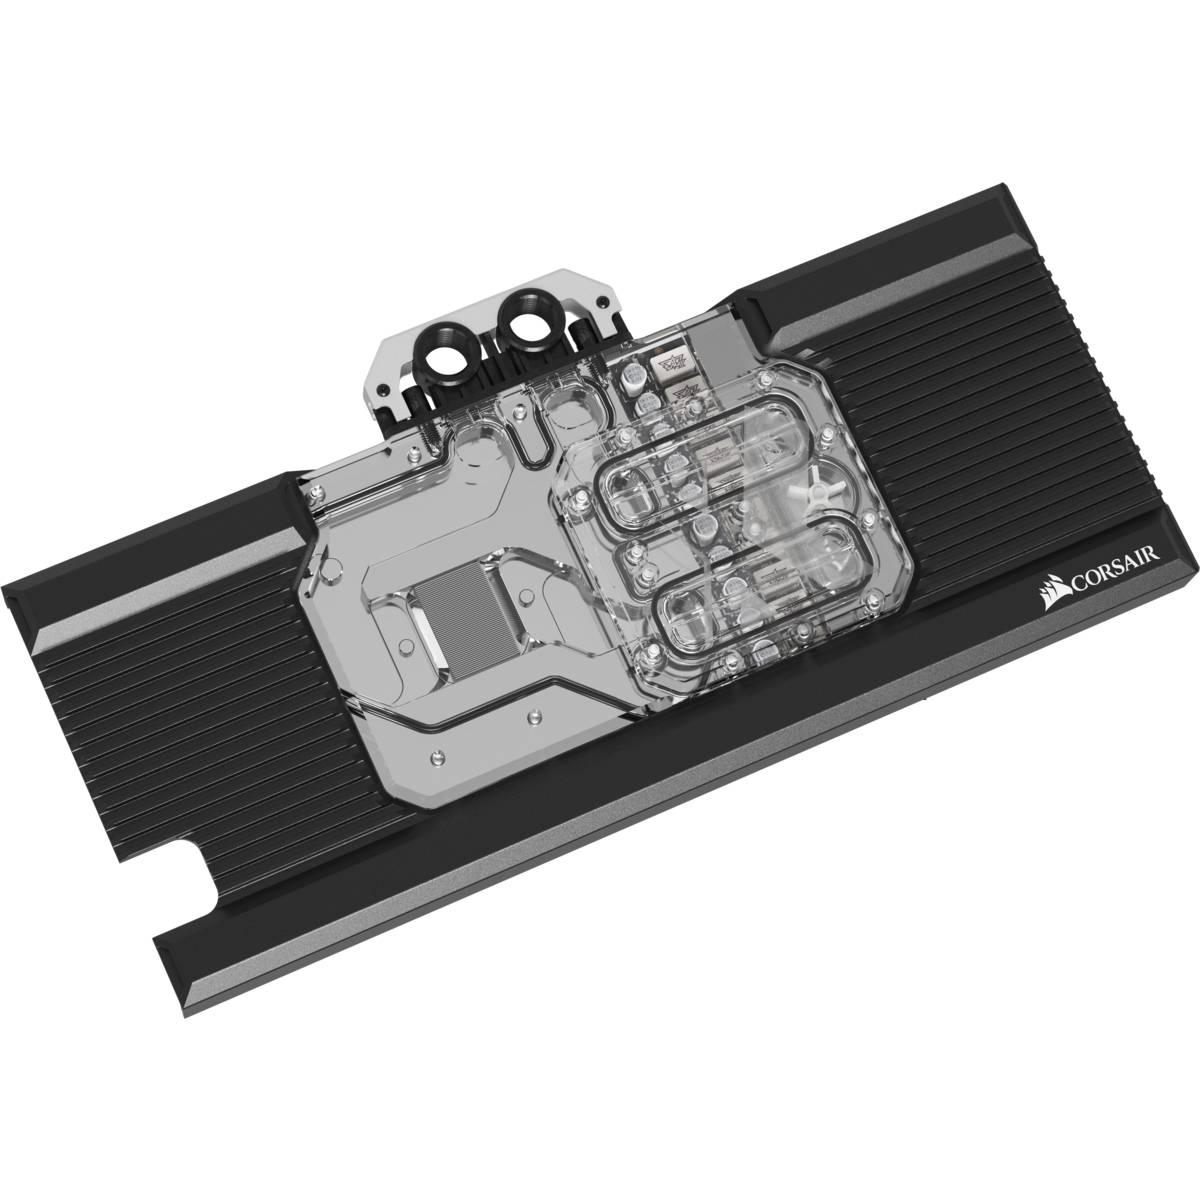 CORSAIR Hydro X Series XG7 RGB 20-SERIES GPU Water Block (2080 Strix)